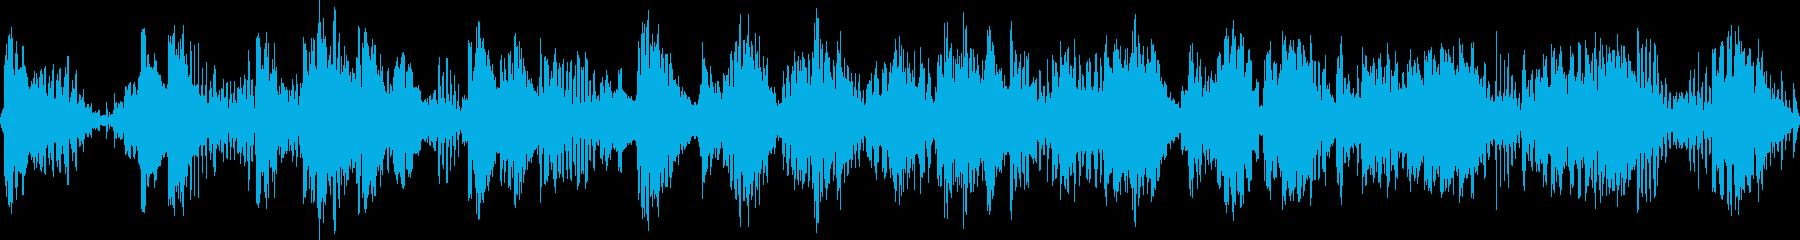 くねくねした不思議な環境音の再生済みの波形